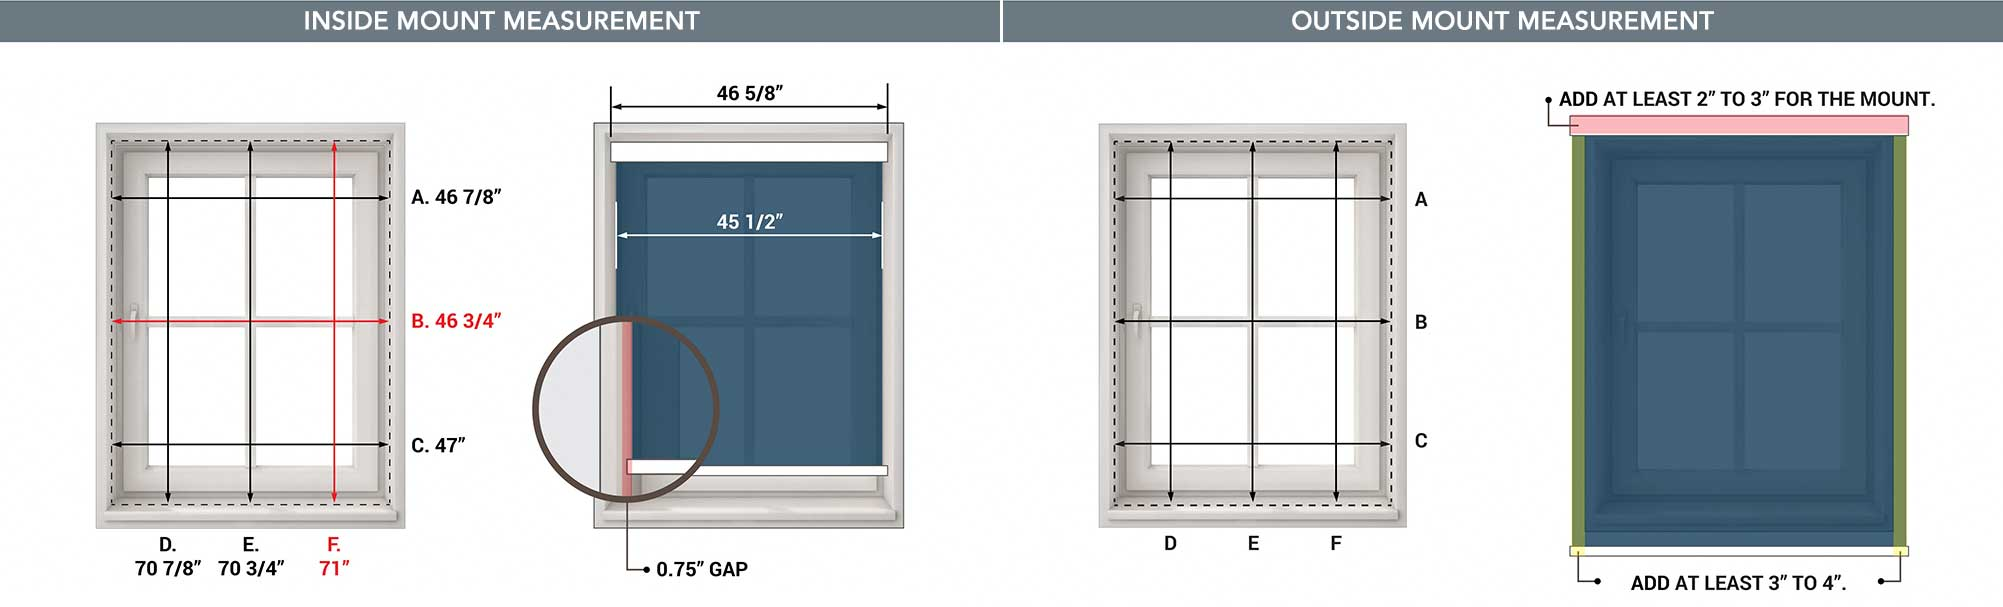 measurement-02.jpg